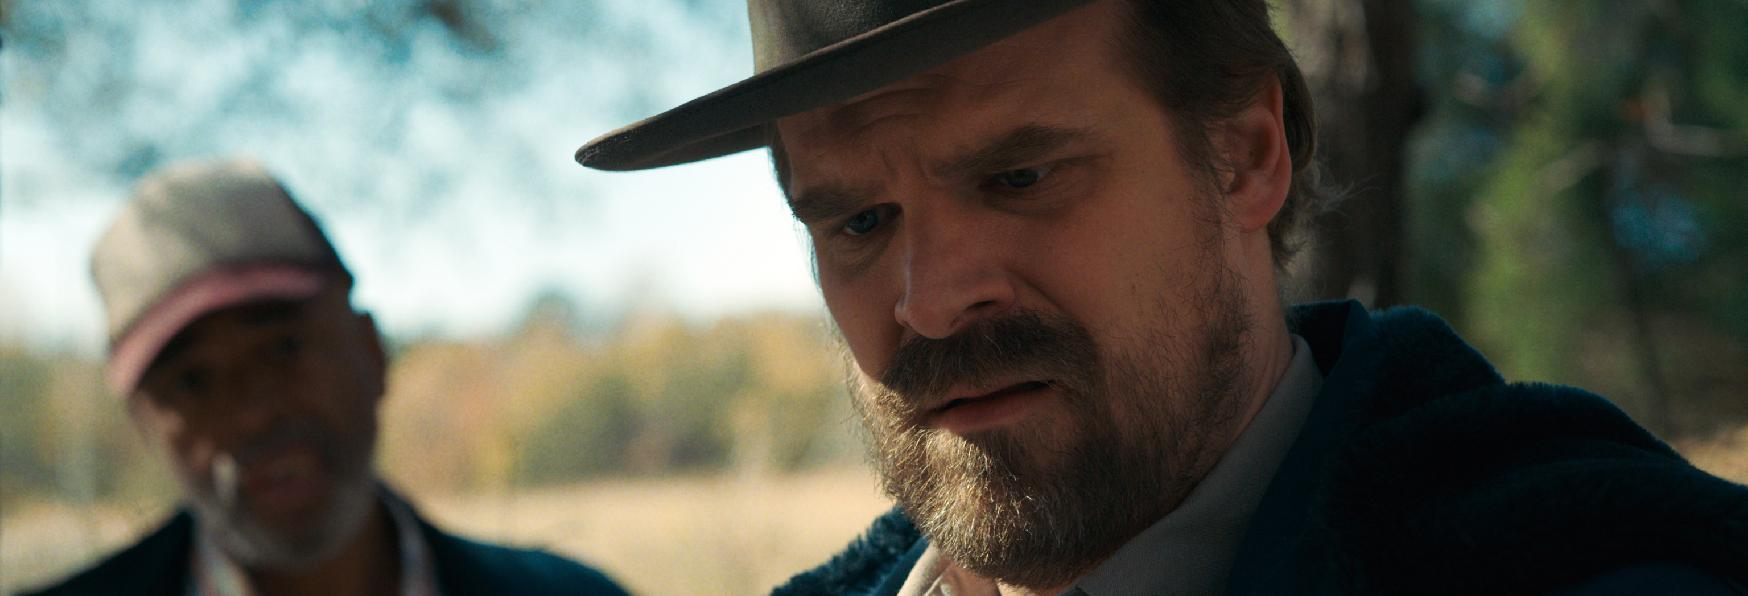 Stranger Things: un Possibile Spin-off sul Personaggio di Jim Hopper?